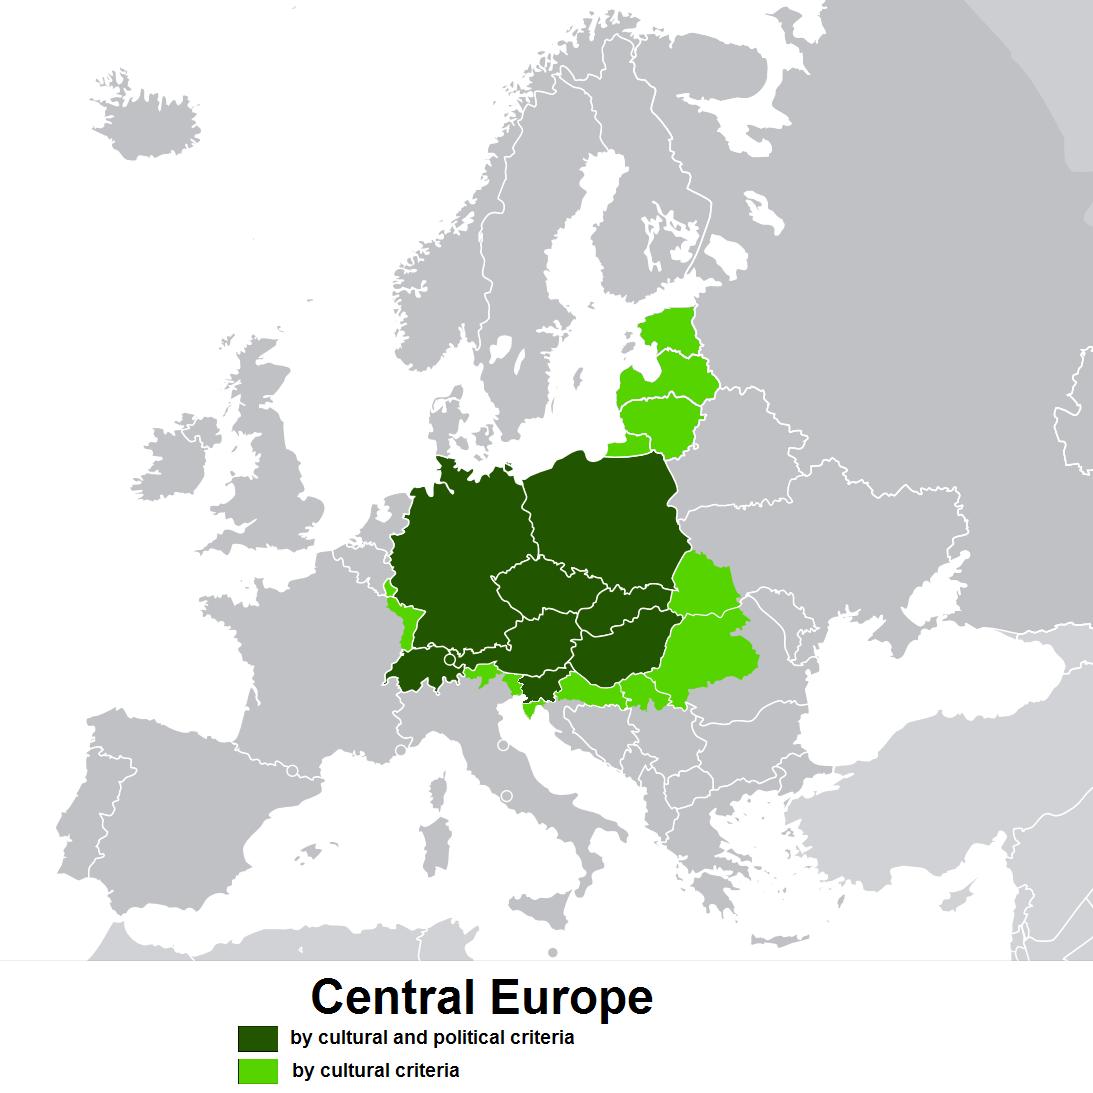 CentralEurope.png?uselang=ru